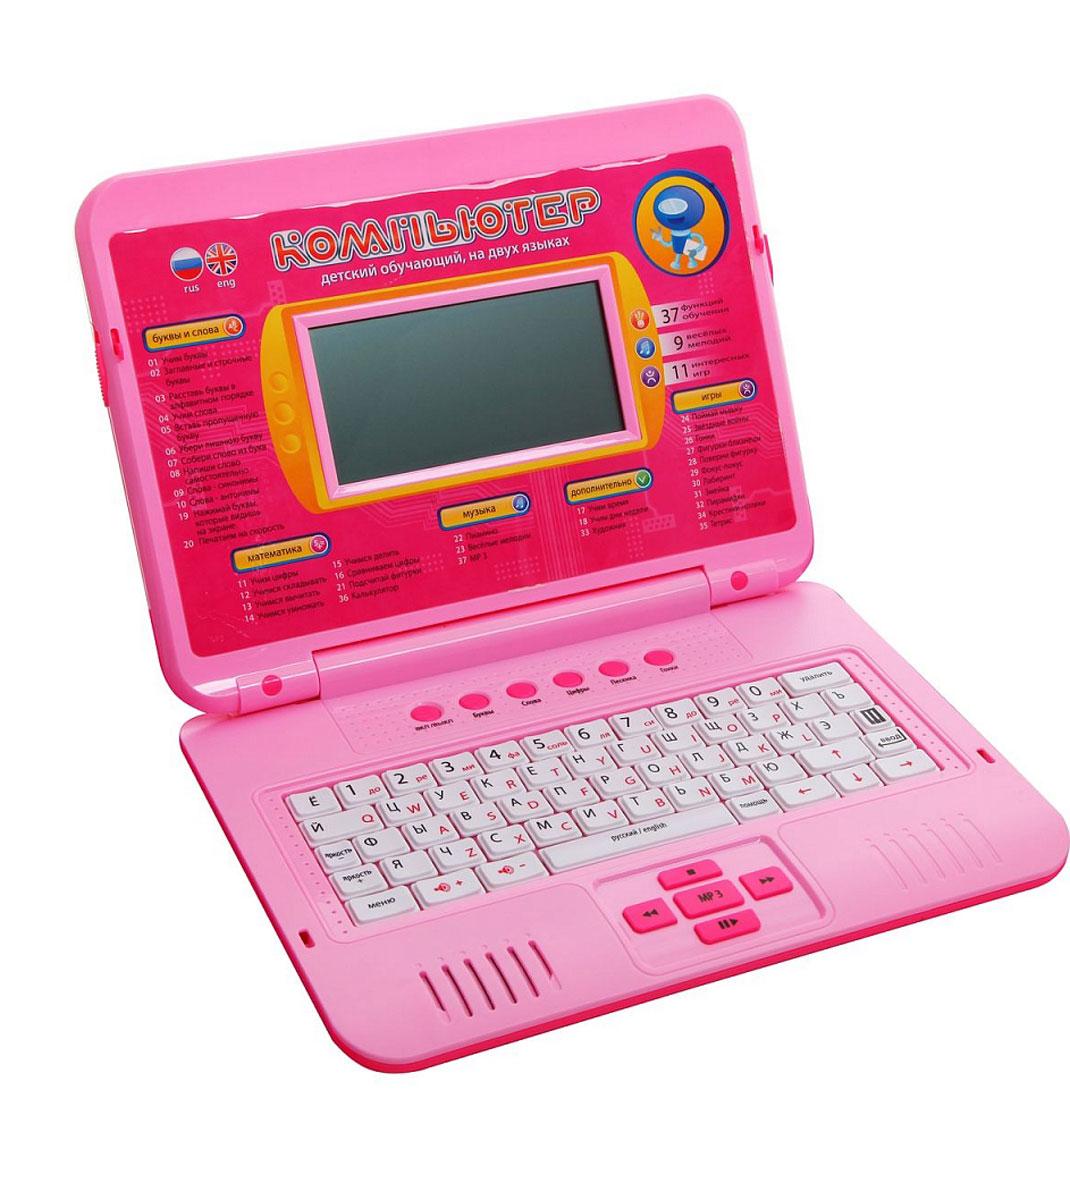 Компьютер Joy Toy русско-английский, обучающий, с ручкой б у компьютер в бишкеке